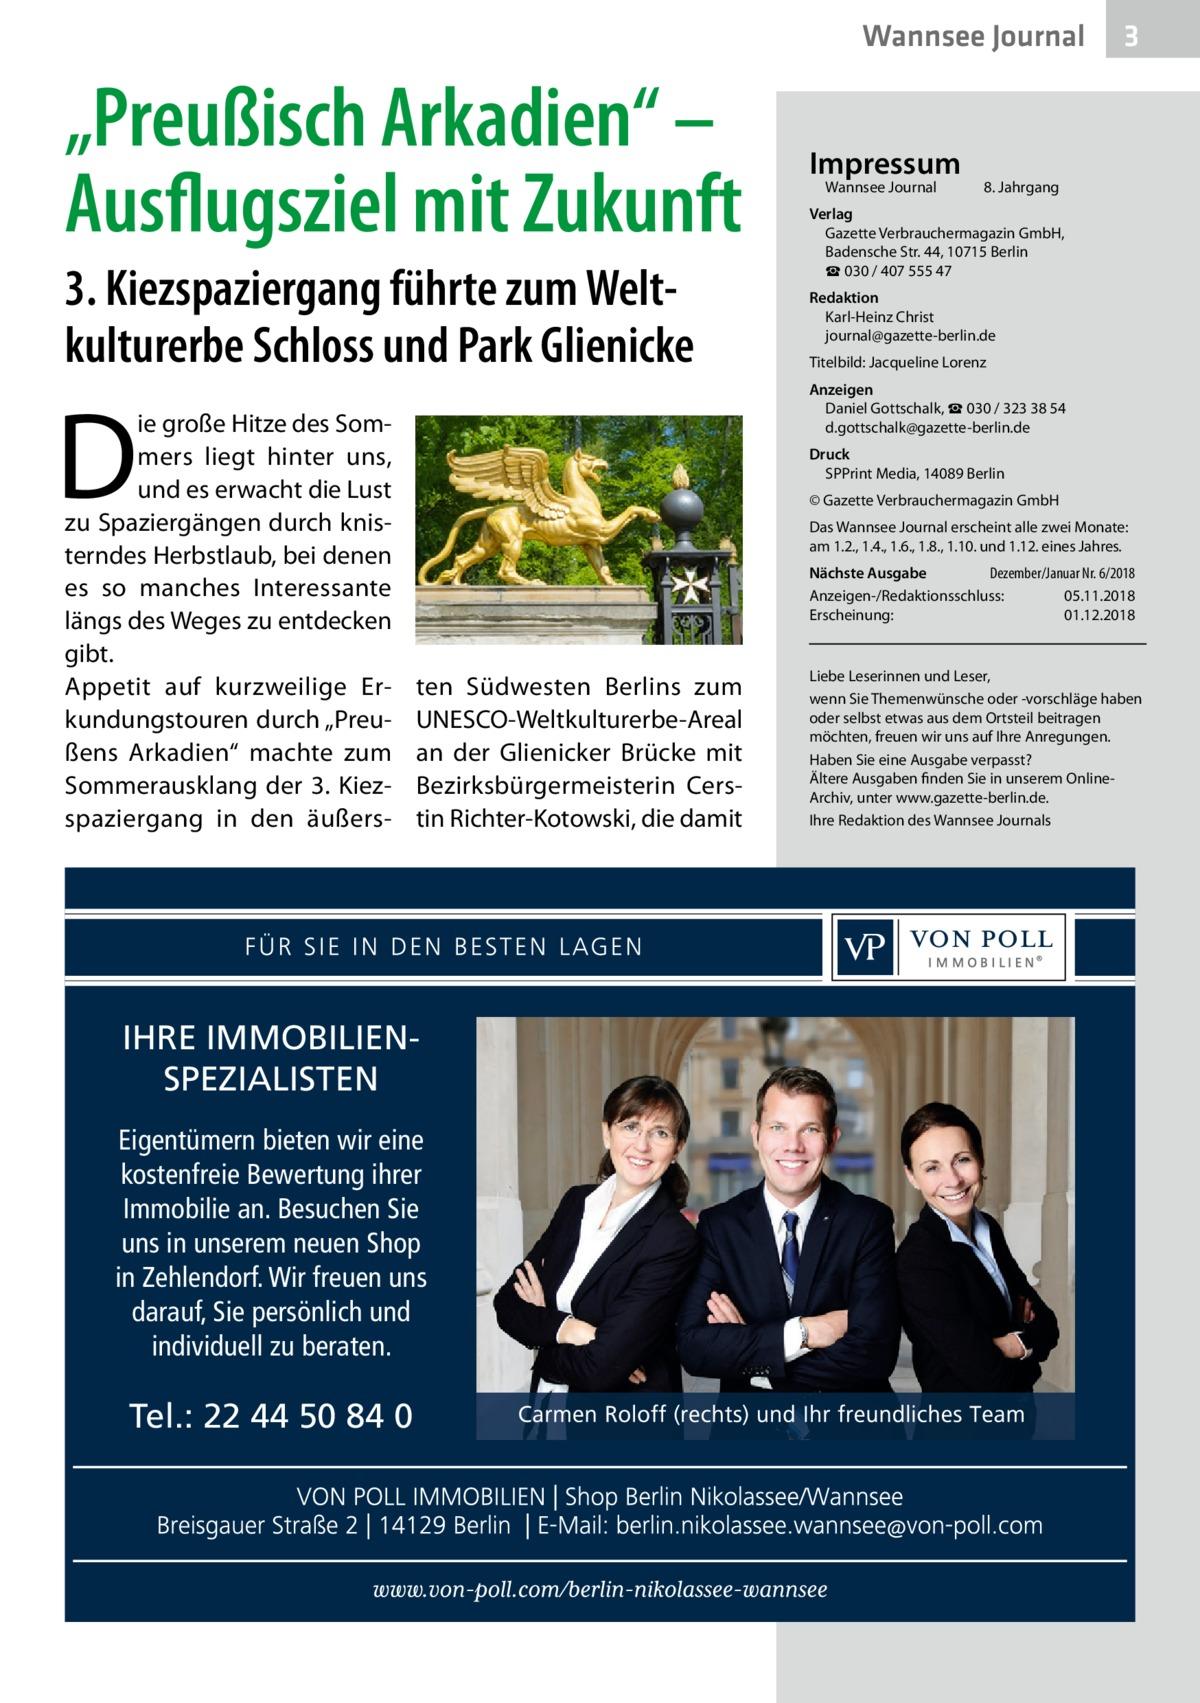 """Wannsee Journal  """"Preußisch Arkadien"""" – Ausflugsziel mit Zukunft 3. Kiezspaziergang führte zum Welt kulturerbe Schloss und Park Glienicke  8. Jahrgang  Redaktion Karl-Heinz Christ journal@gazette-berlin.de Titelbild: Jacqueline Lorenz  Druck SPPrint Media, 14089Berlin © Gazette Verbrauchermagazin GmbH Das Wannsee Journal erscheint alle zwei Monate: am 1.2., 1.4., 1.6., 1.8., 1.10. und 1.12. eines Jahres. Nächste Ausgabe  Dezember/Januar Nr. 6/2018 Anzeigen-/Redaktionsschluss:05.11.2018 Erscheinung:01.12.2018  ten Südwesten Berlins zum UNESCO-Weltkulturerbe-Areal an der Glienicker Brücke mit Bezirksbürgermeisterin Cerstin Richter-Kotowski, die damit  IHRE IMMOBILIENSPEZIALISTEN Eigentümern bieten wir eine kostenfreie Bewertung ihrer Immobilie an. Besuchen Sie uns in unserem neuen Shop in Zehlendorf. Wir freuen uns darauf, Sie persönlich und individuell zu beraten.  Tel.: 22 44 50 84 0  Wannsee Journal  Verlag Gazette Verbrauchermagazin GmbH, BadenscheStr.44, 10715Berlin ☎ 030 / 407 555 47  Anzeigen Daniel Gottschalk, ☎ 030 / 323 38 54 d.gottschalk@gazette-berlin.de  D  ie große Hitze des Sommers liegt hinter uns, und es erwacht die Lust zu Spaziergängen durch knisterndes Herbstlaub, bei denen es so manches Interessante längs des Weges zu entdecken gibt. Appetit auf kurzweilige Erkundungstouren durch """"Preußens Arkadien"""" machte zum Sommerausklang der 3. Kiezspaziergang in den äußers Impressum  3  Liebe Leserinnen und Leser, wenn Sie Themenwünsche oder -vorschläge haben oder selbst etwas aus dem Ortsteil beitragen möchten, freuen wir uns auf Ihre Anregungen. Haben Sie eine Ausgabe verpasst? Ältere Ausgaben finden Sie in unserem OnlineArchiv, unter www.gazette-berlin.de. Ihre Redaktion des Wannsee Journals"""